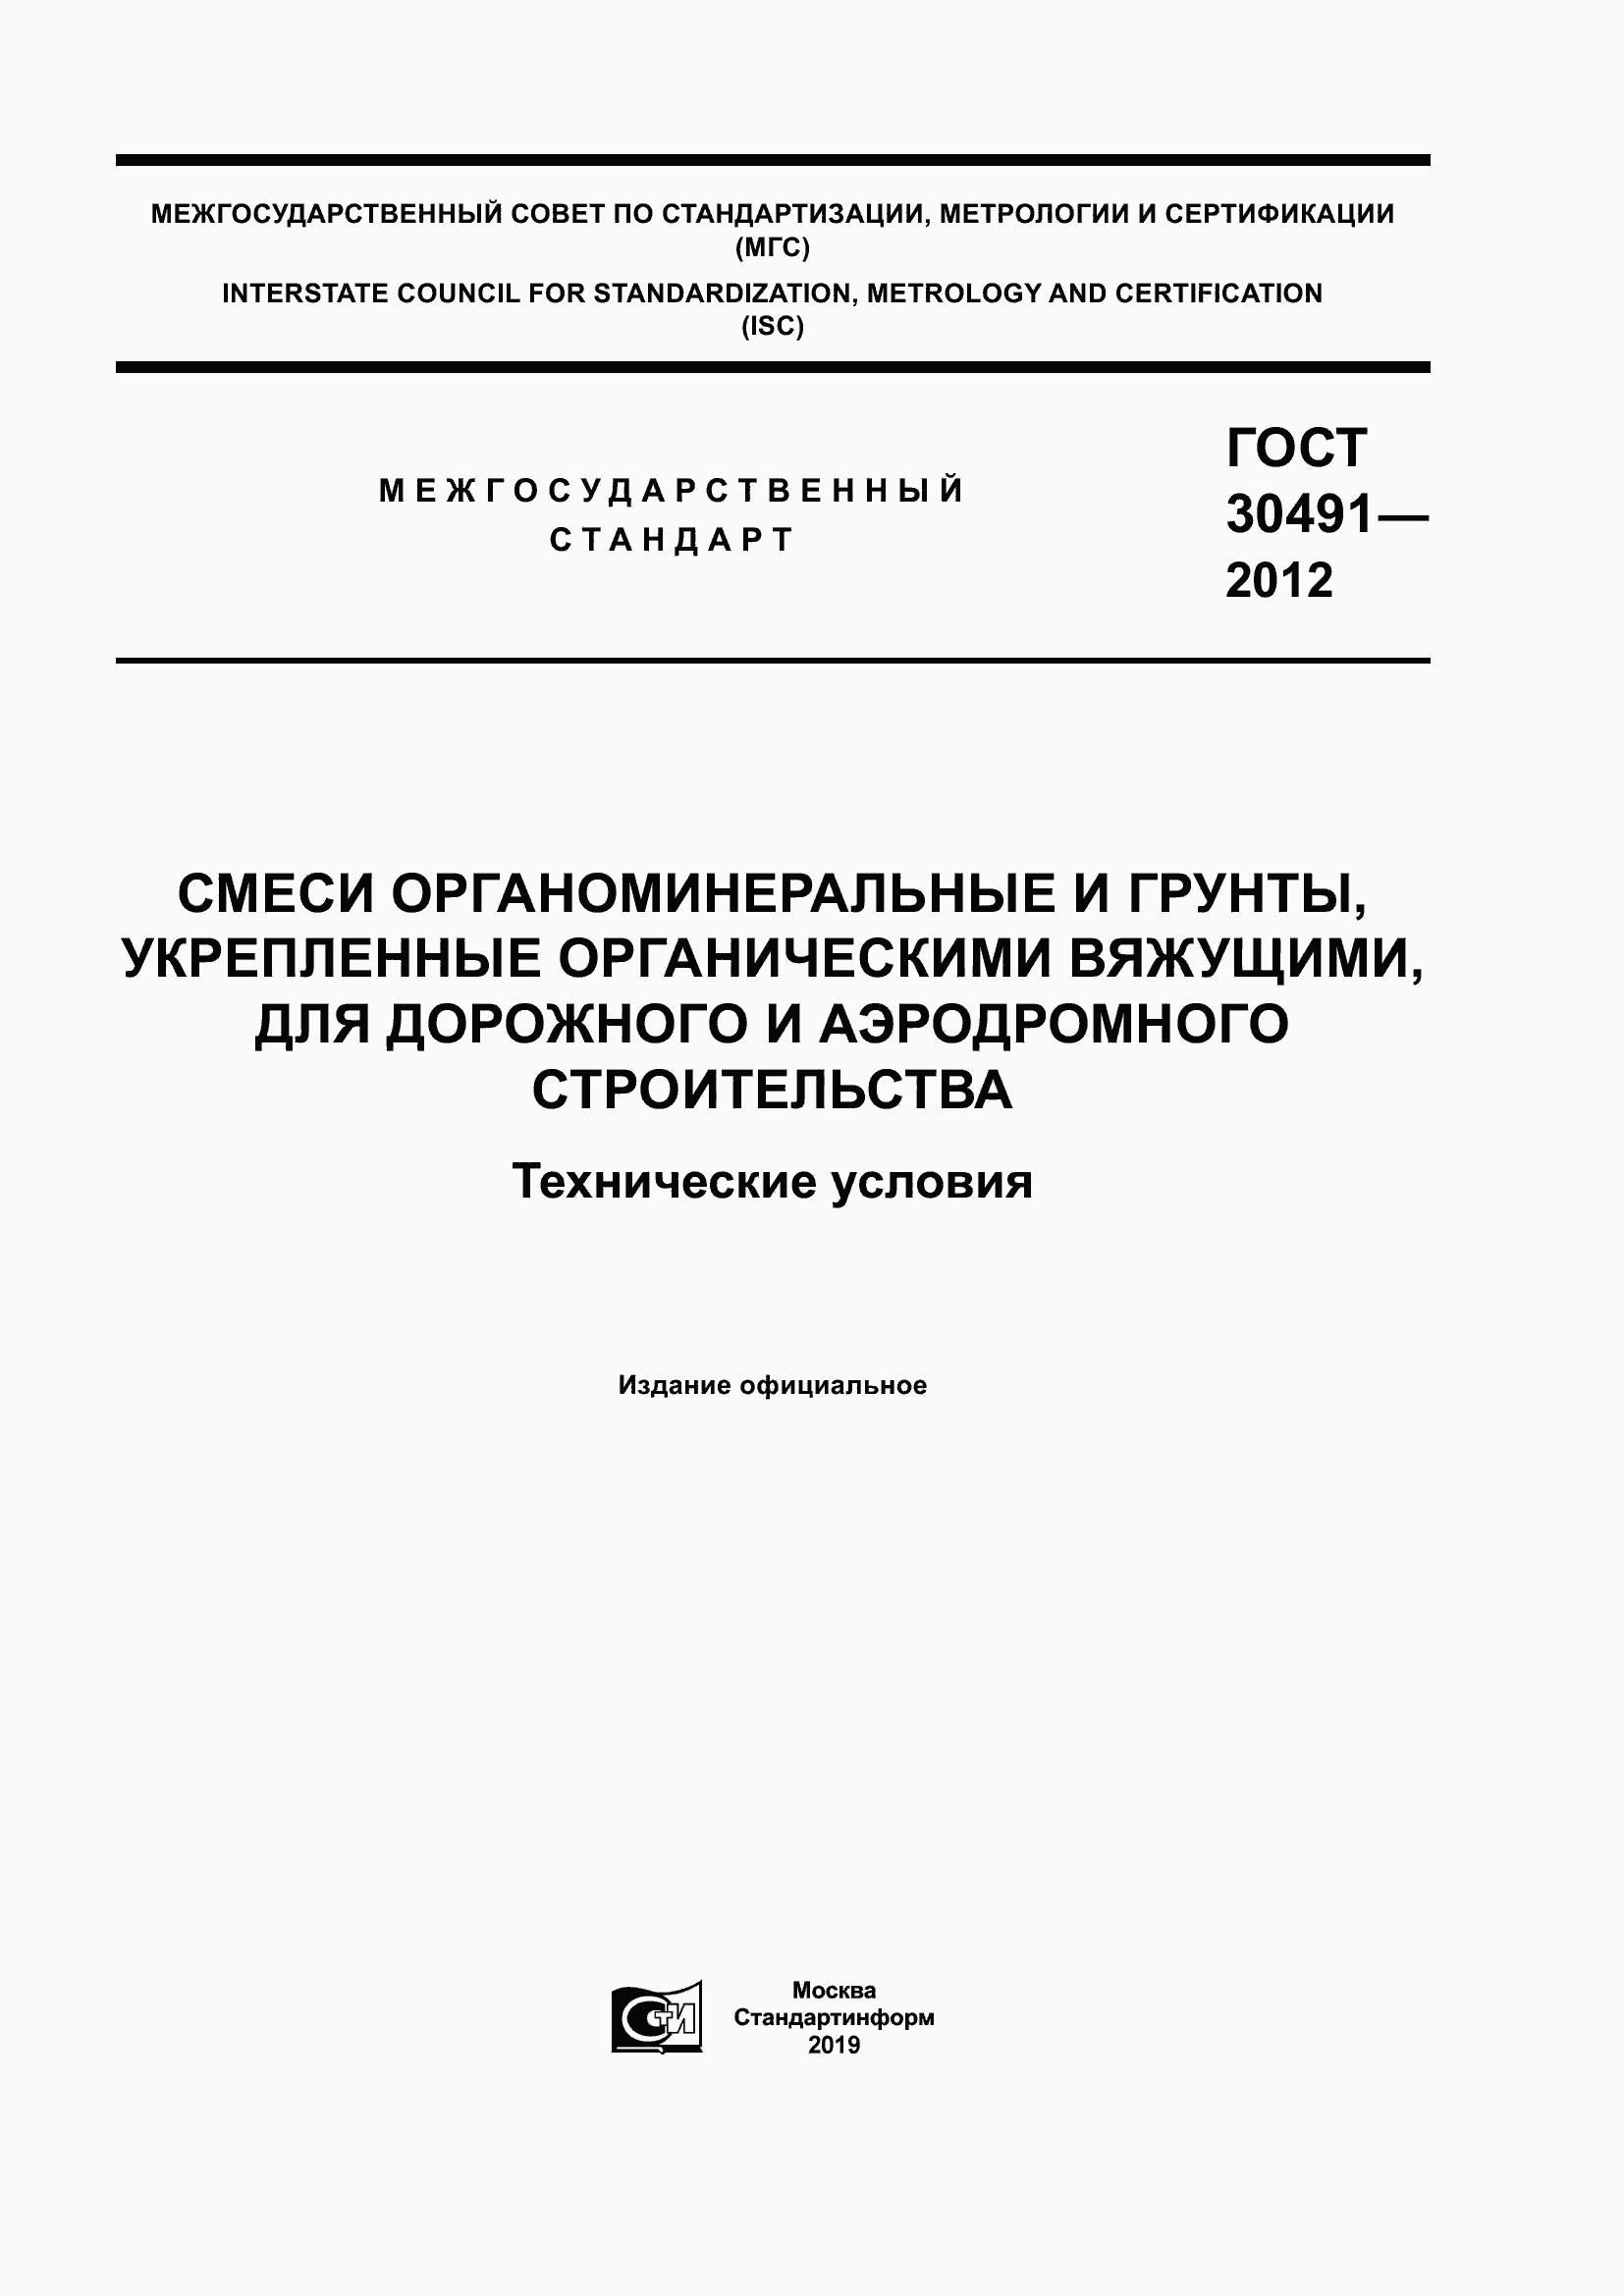 ГОСТ 30491-2012. Страница 1